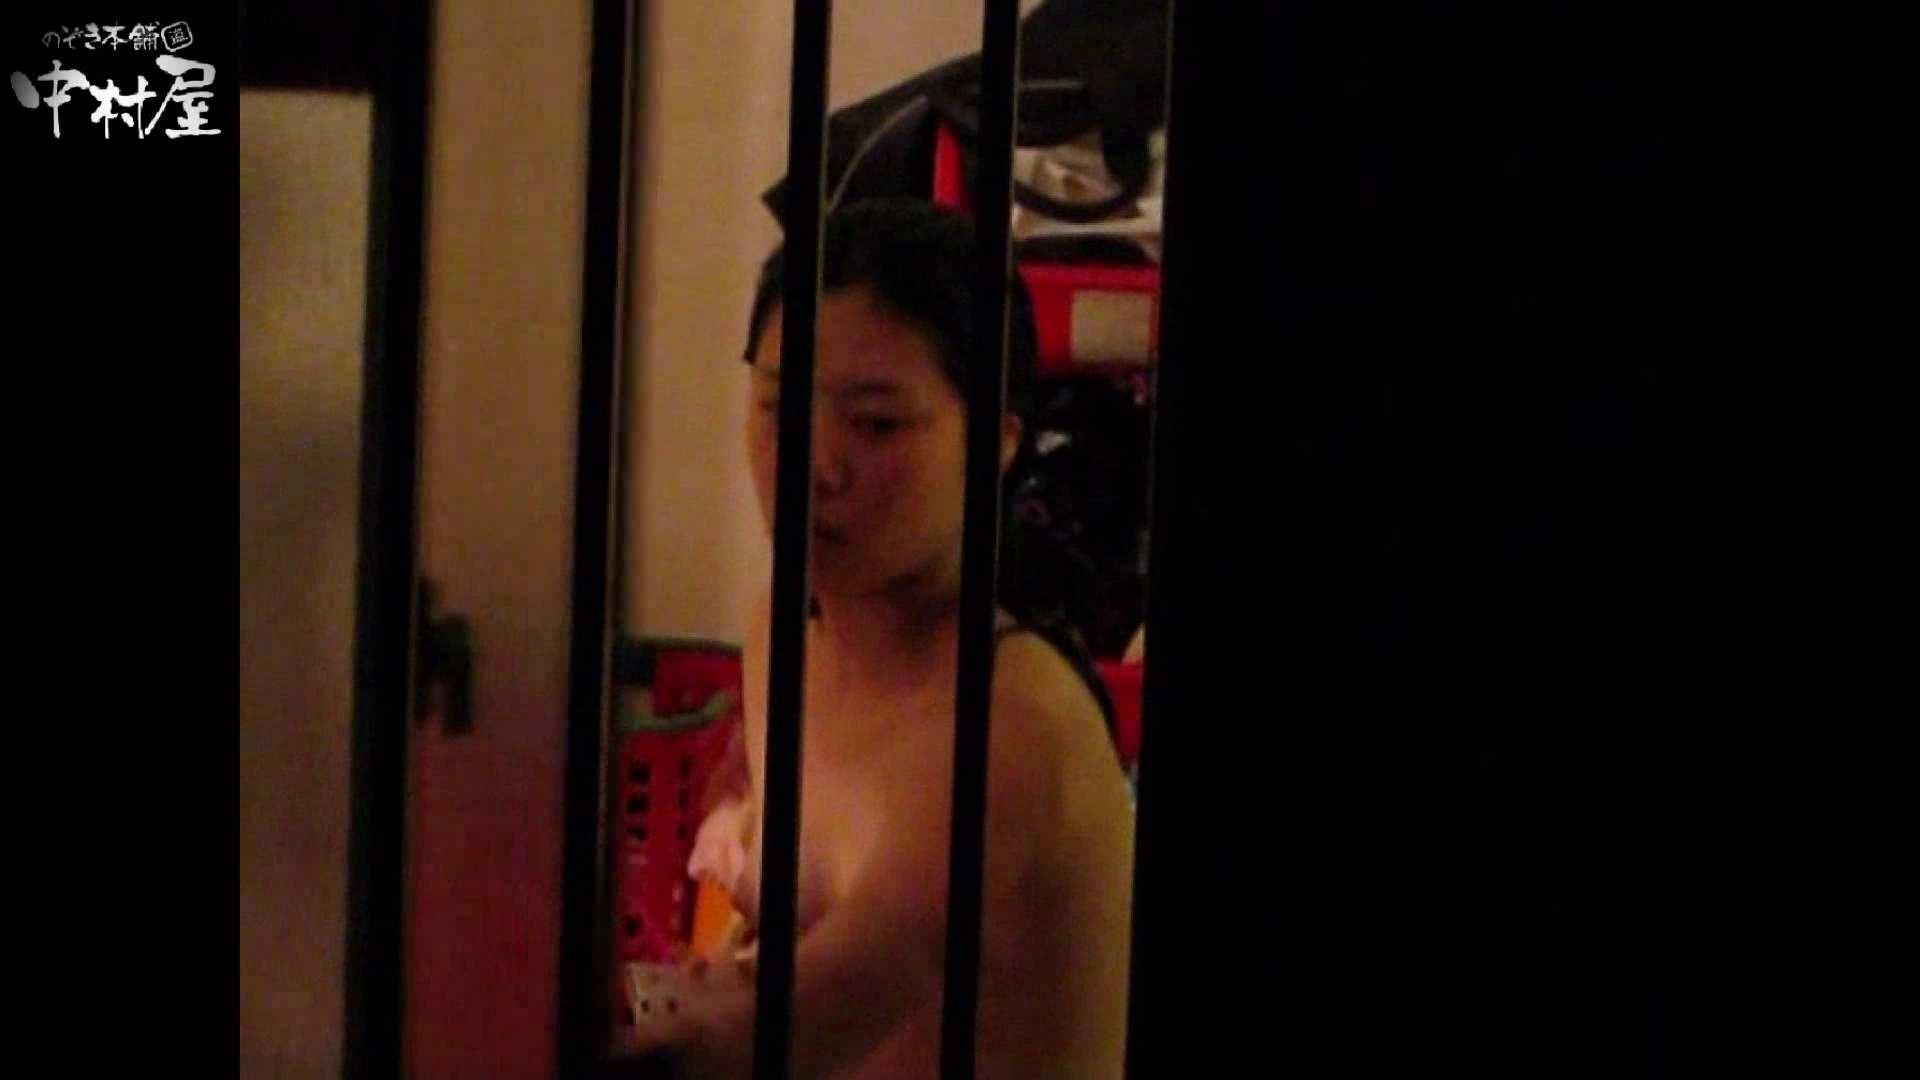 民家風呂専門盗撮師の超危険映像 vol.003 美少女丸裸 AV無料動画キャプチャ 93pic 59